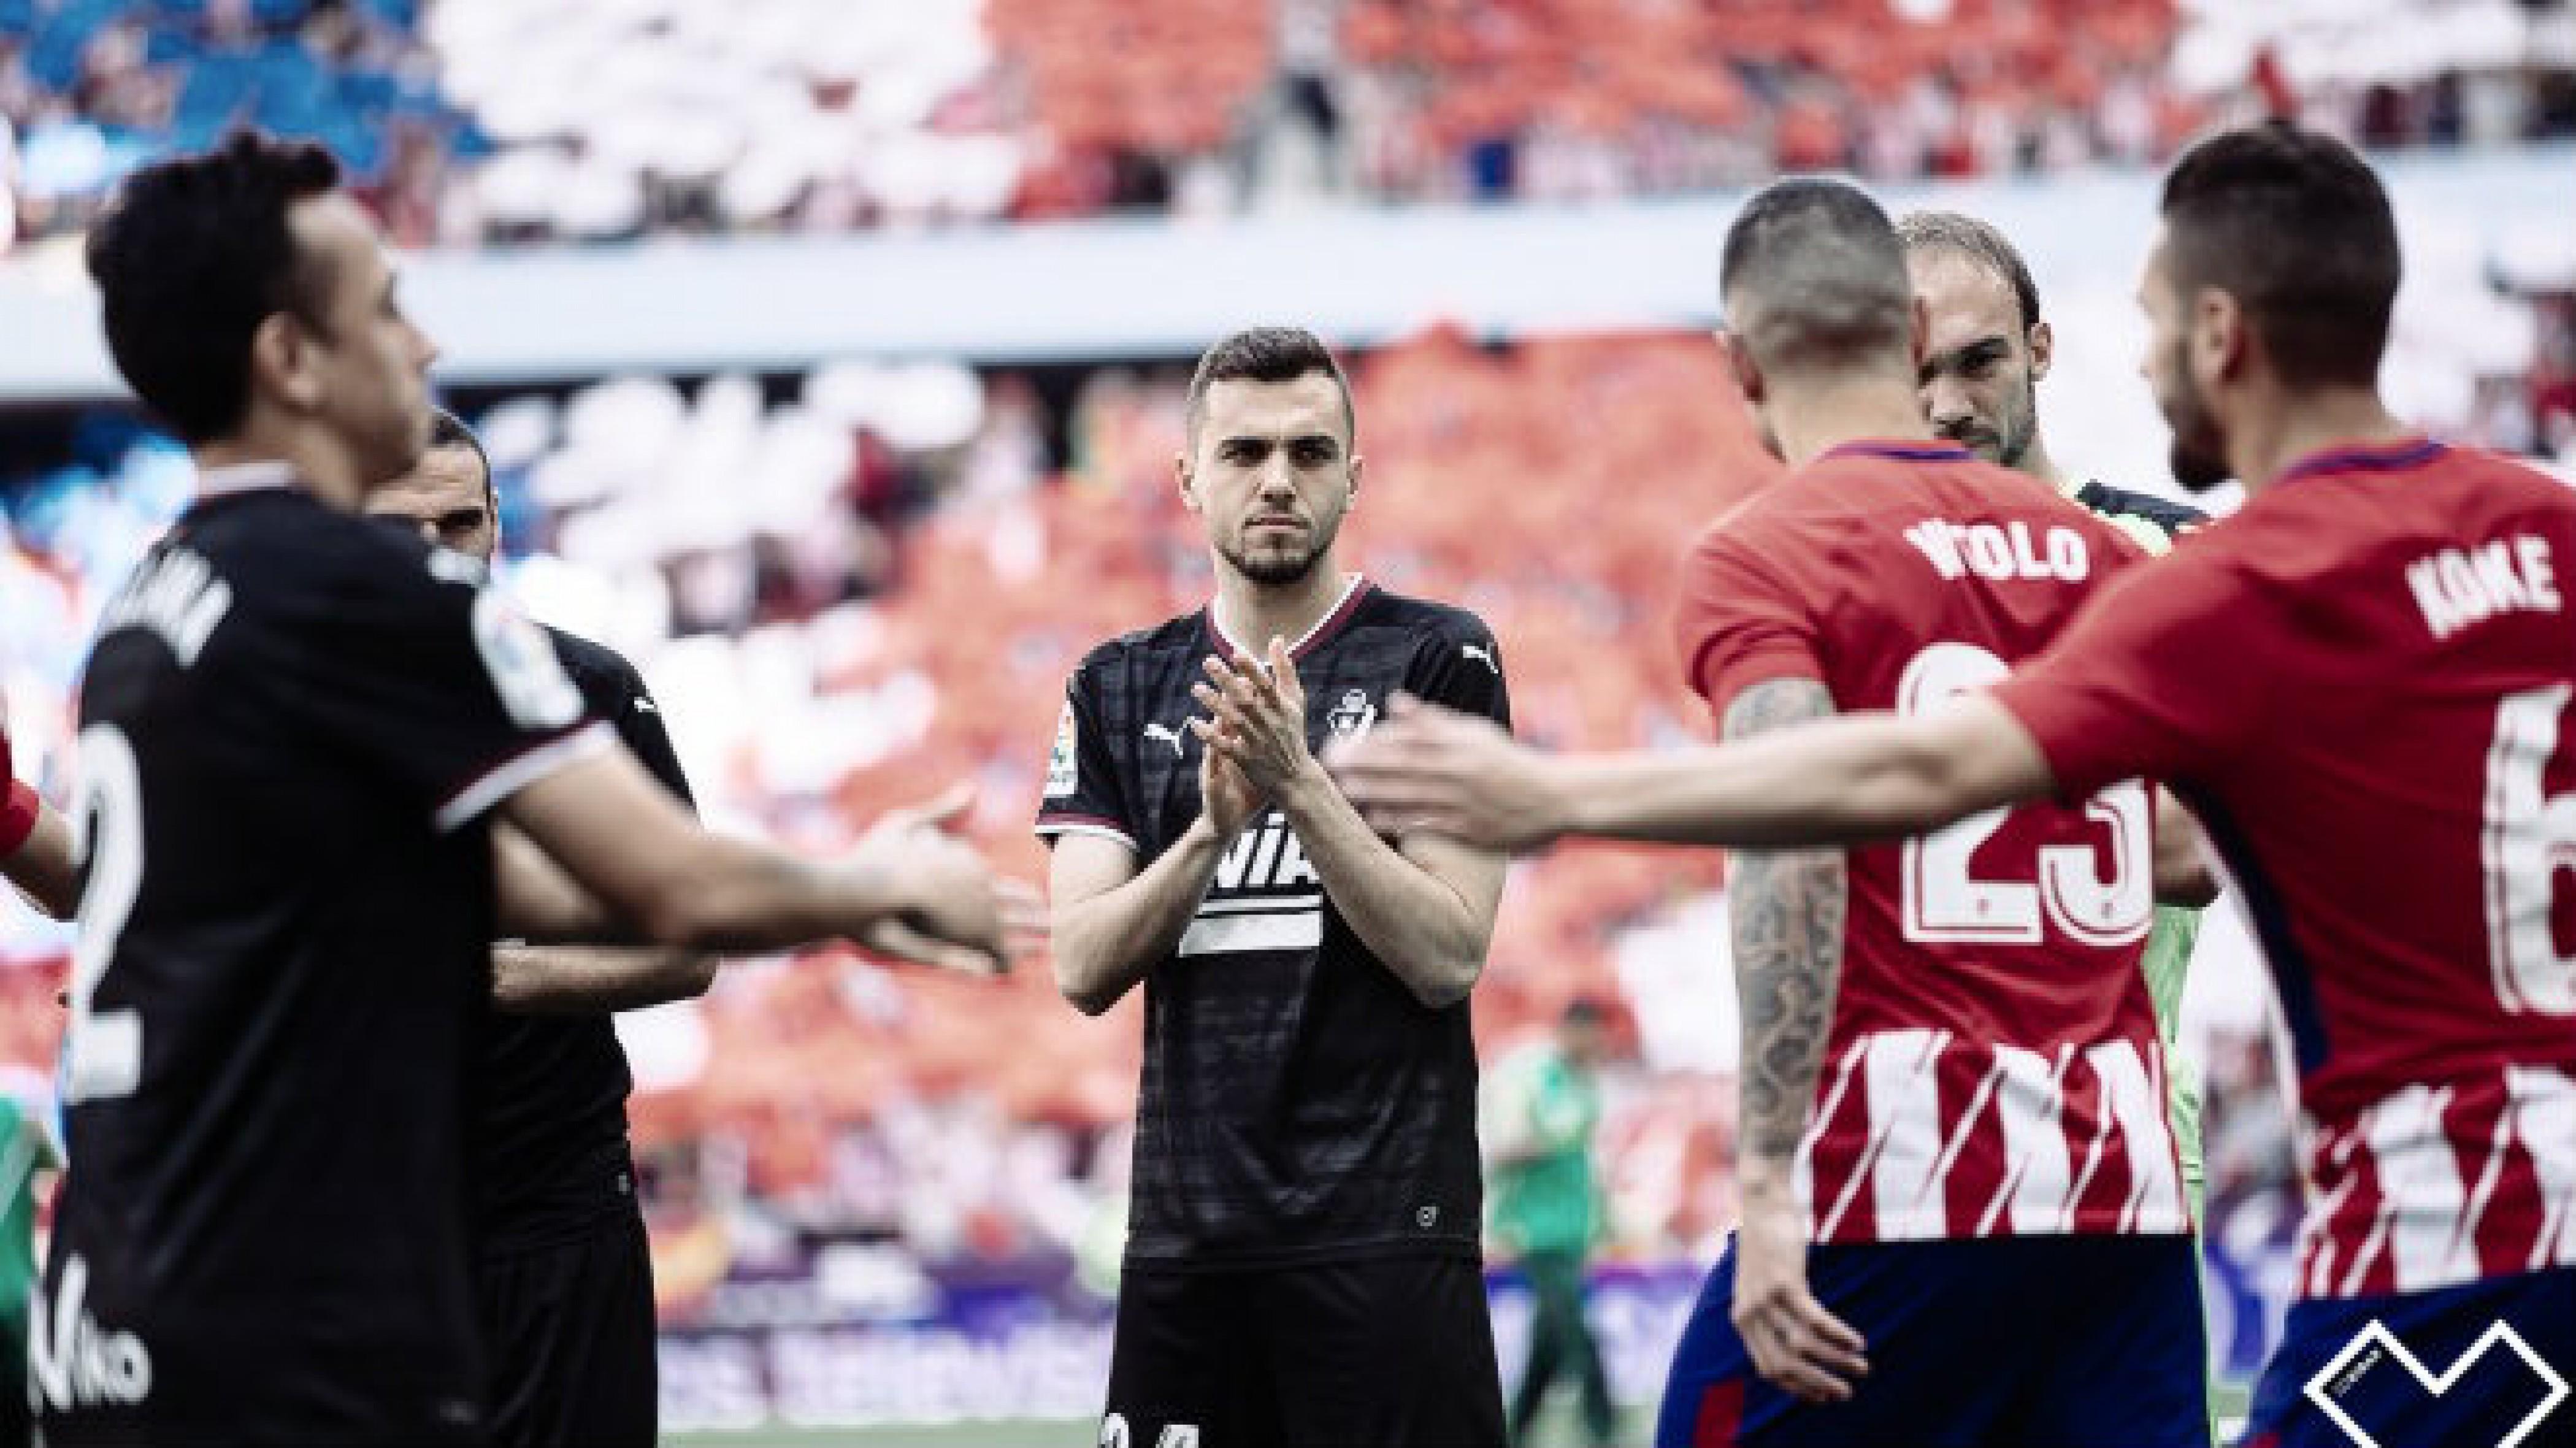 Previa Atlético de Madrid - SD Eibar: tumbar la muralla colchonera